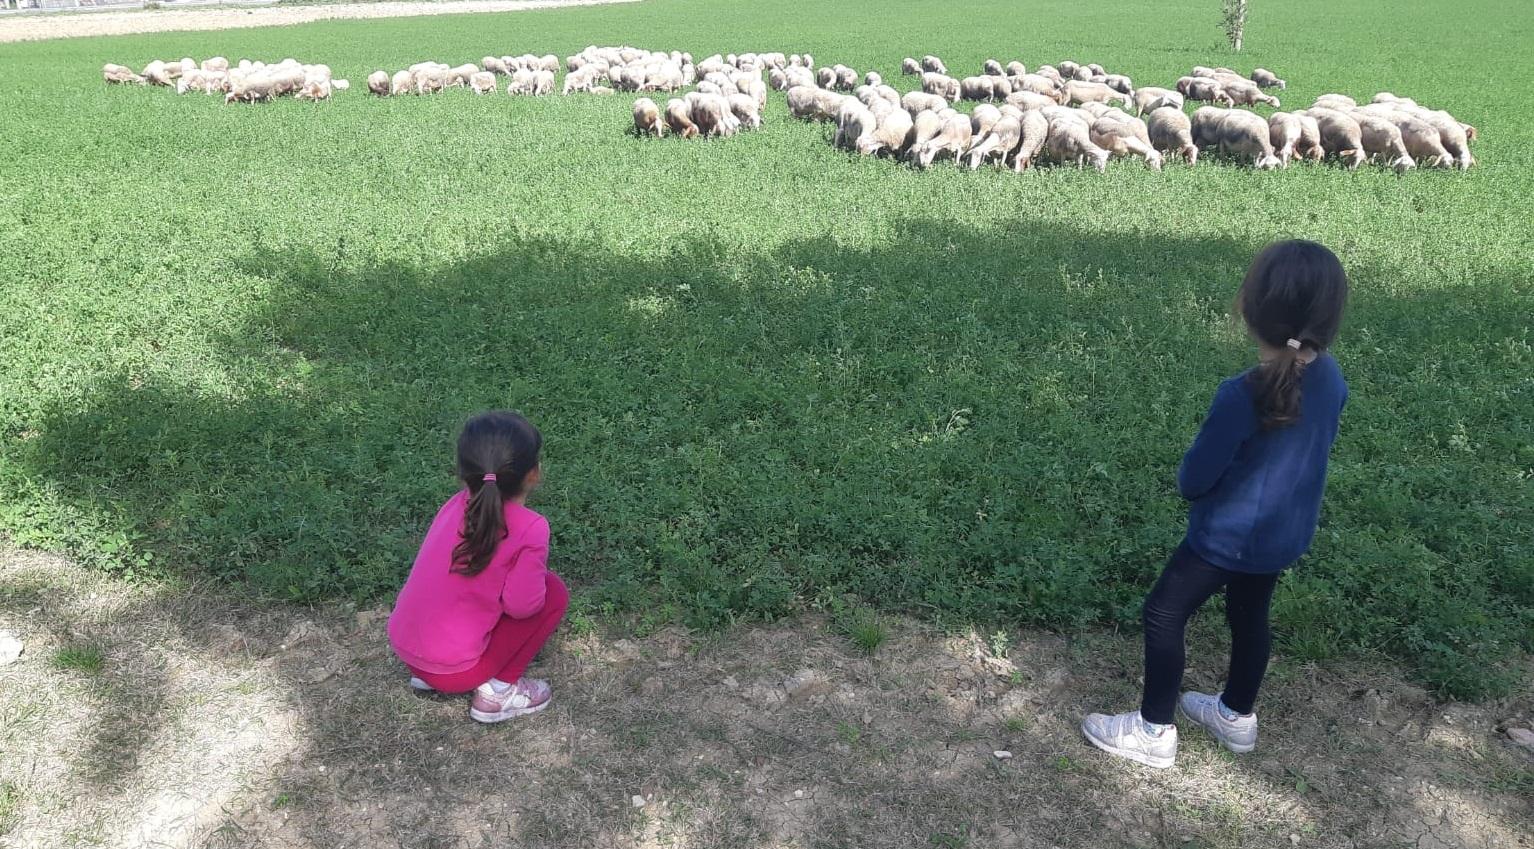 Agriturismo in campagna umbra per vacanza con bambini